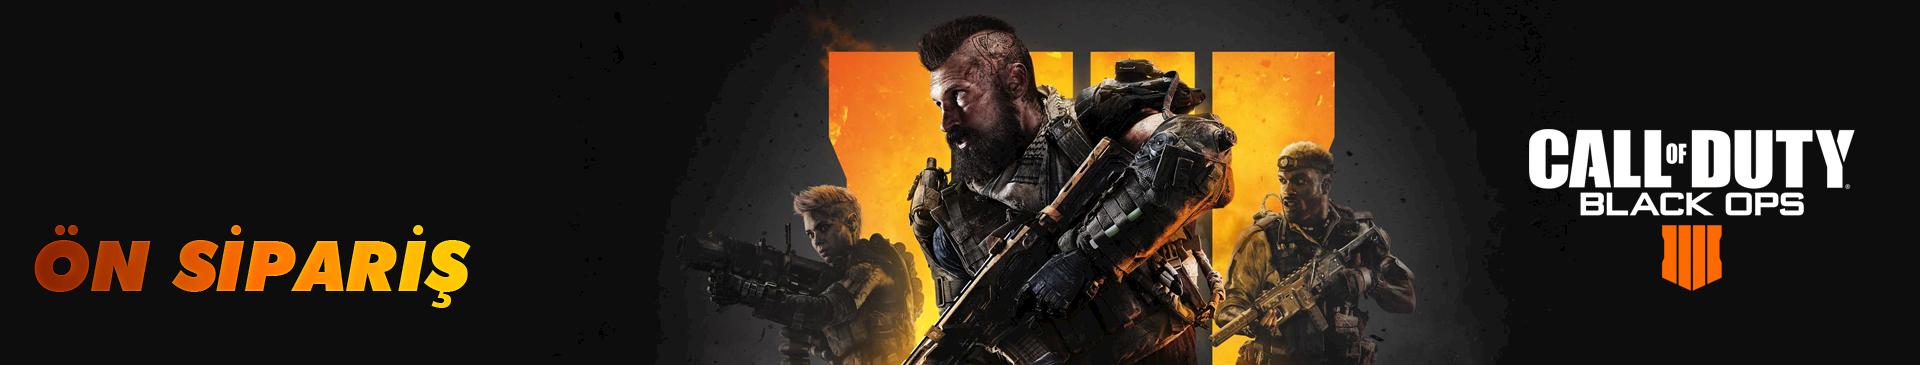 Call Of Duty Black Ops 4 hemen teslim